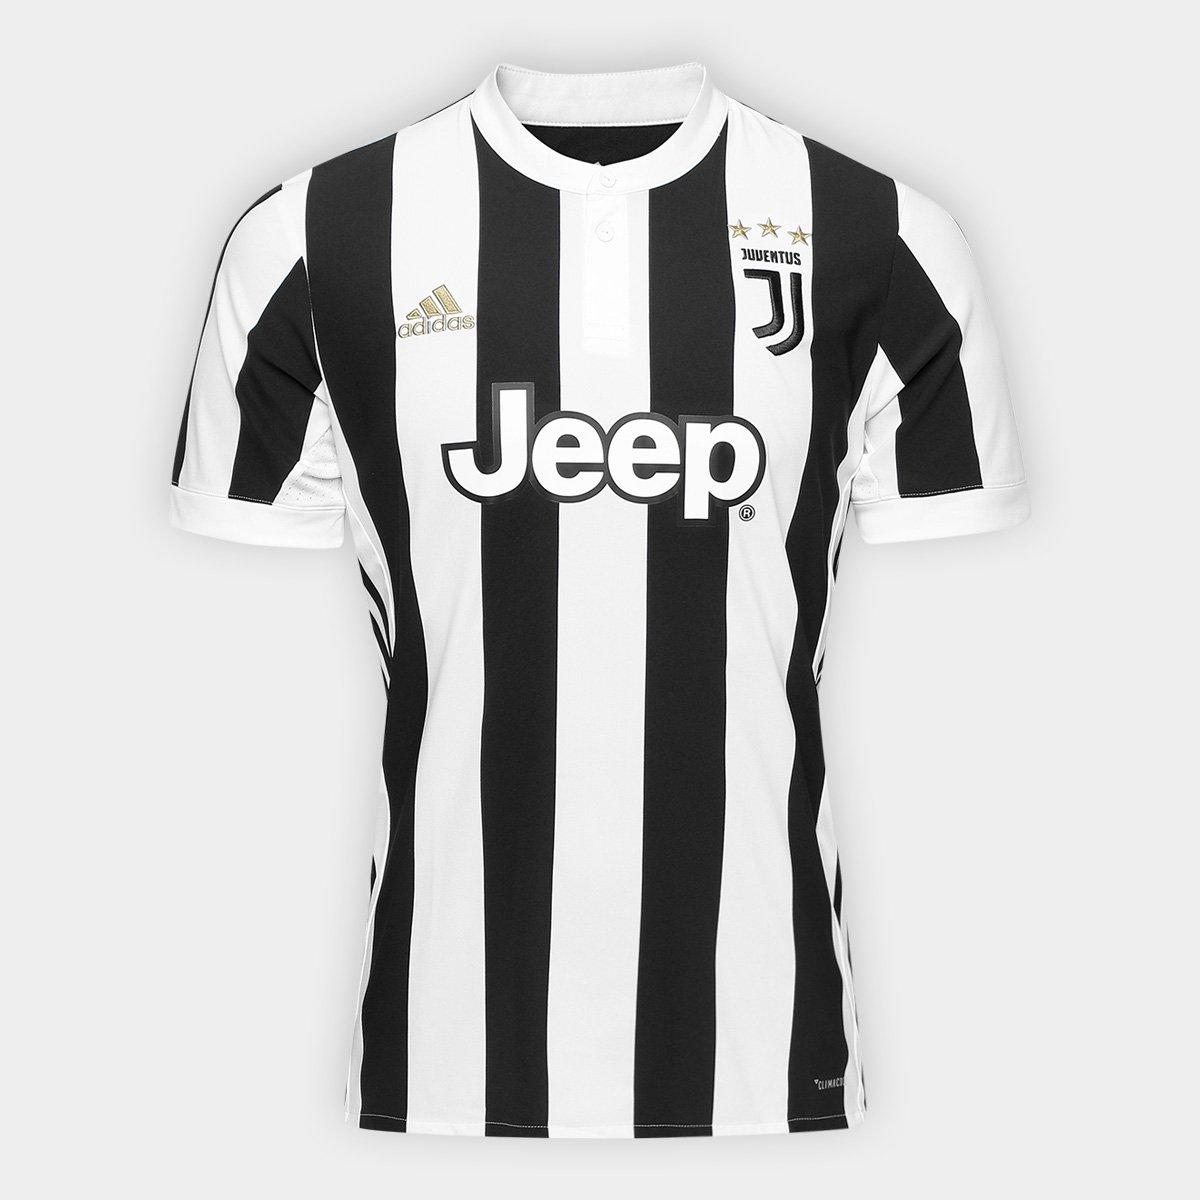 d550acc2b Camisa Juventus Home 17 18 s nº - Torcedor Adidas Masculina - Compre Agora